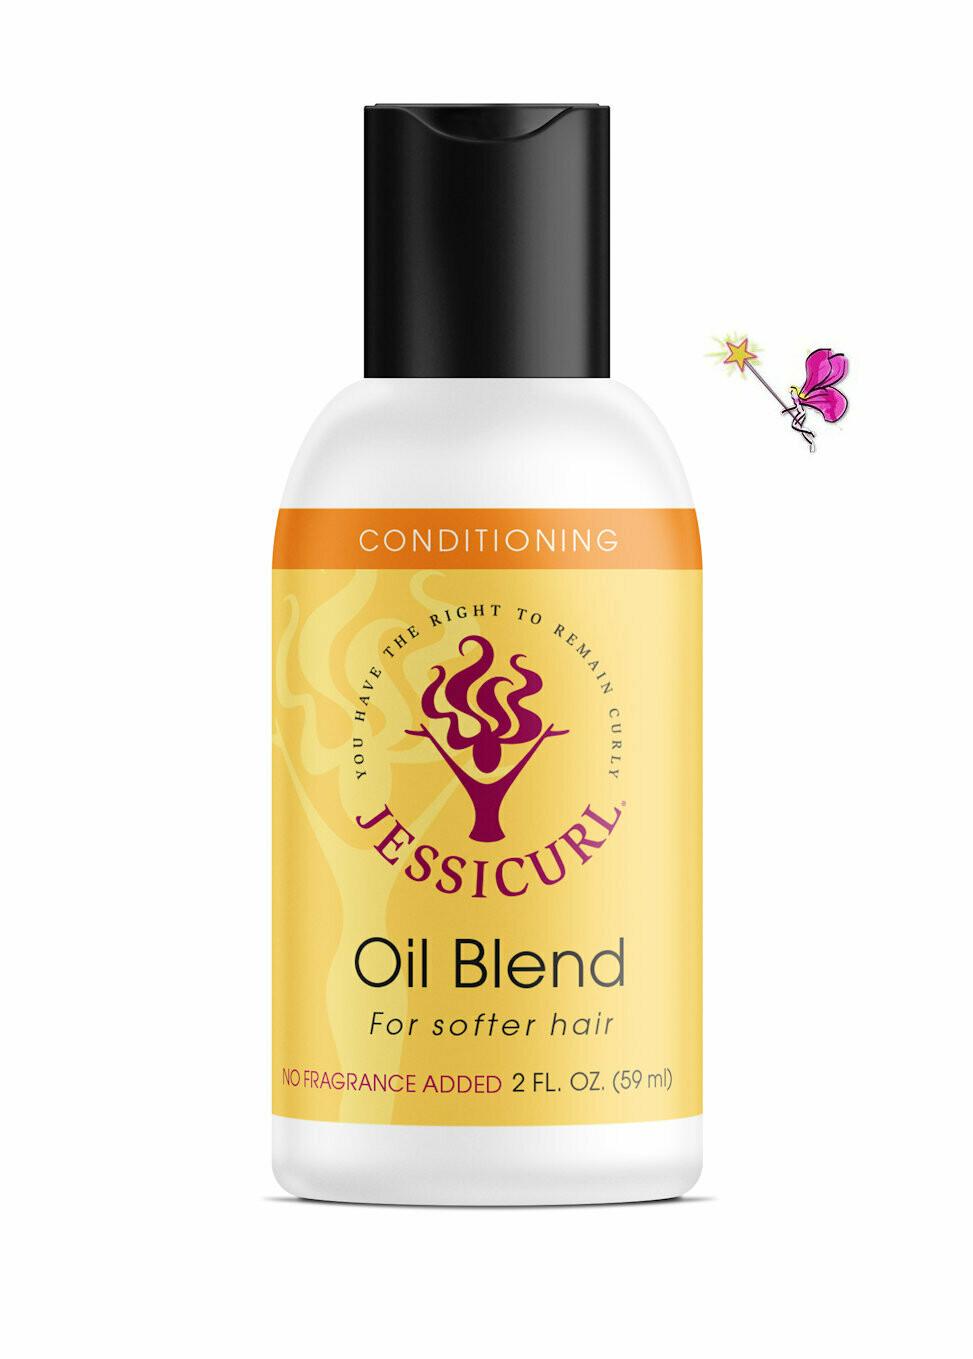 Jessicurl Oil Blend No Fragrance Added  59ml (2oz)